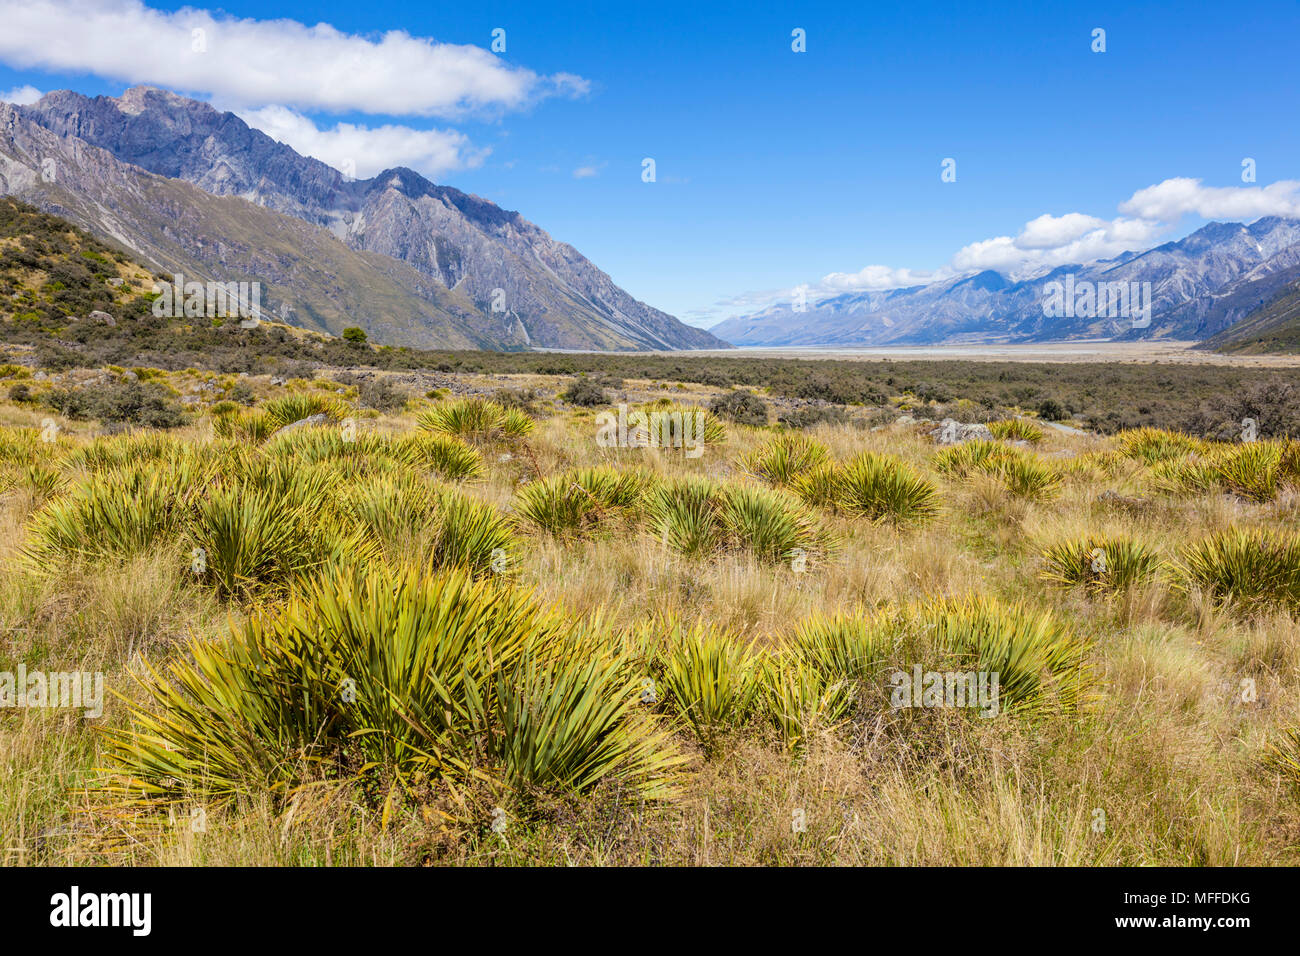 El parque nacional de Monte Cook vista desde el camino hacia el Glaciar de Tasmania, Isla del Sur, Nueva Zelanda Nueva Zelanda zealandnew, Isla del Sur, Nueva Zelanda Imagen De Stock